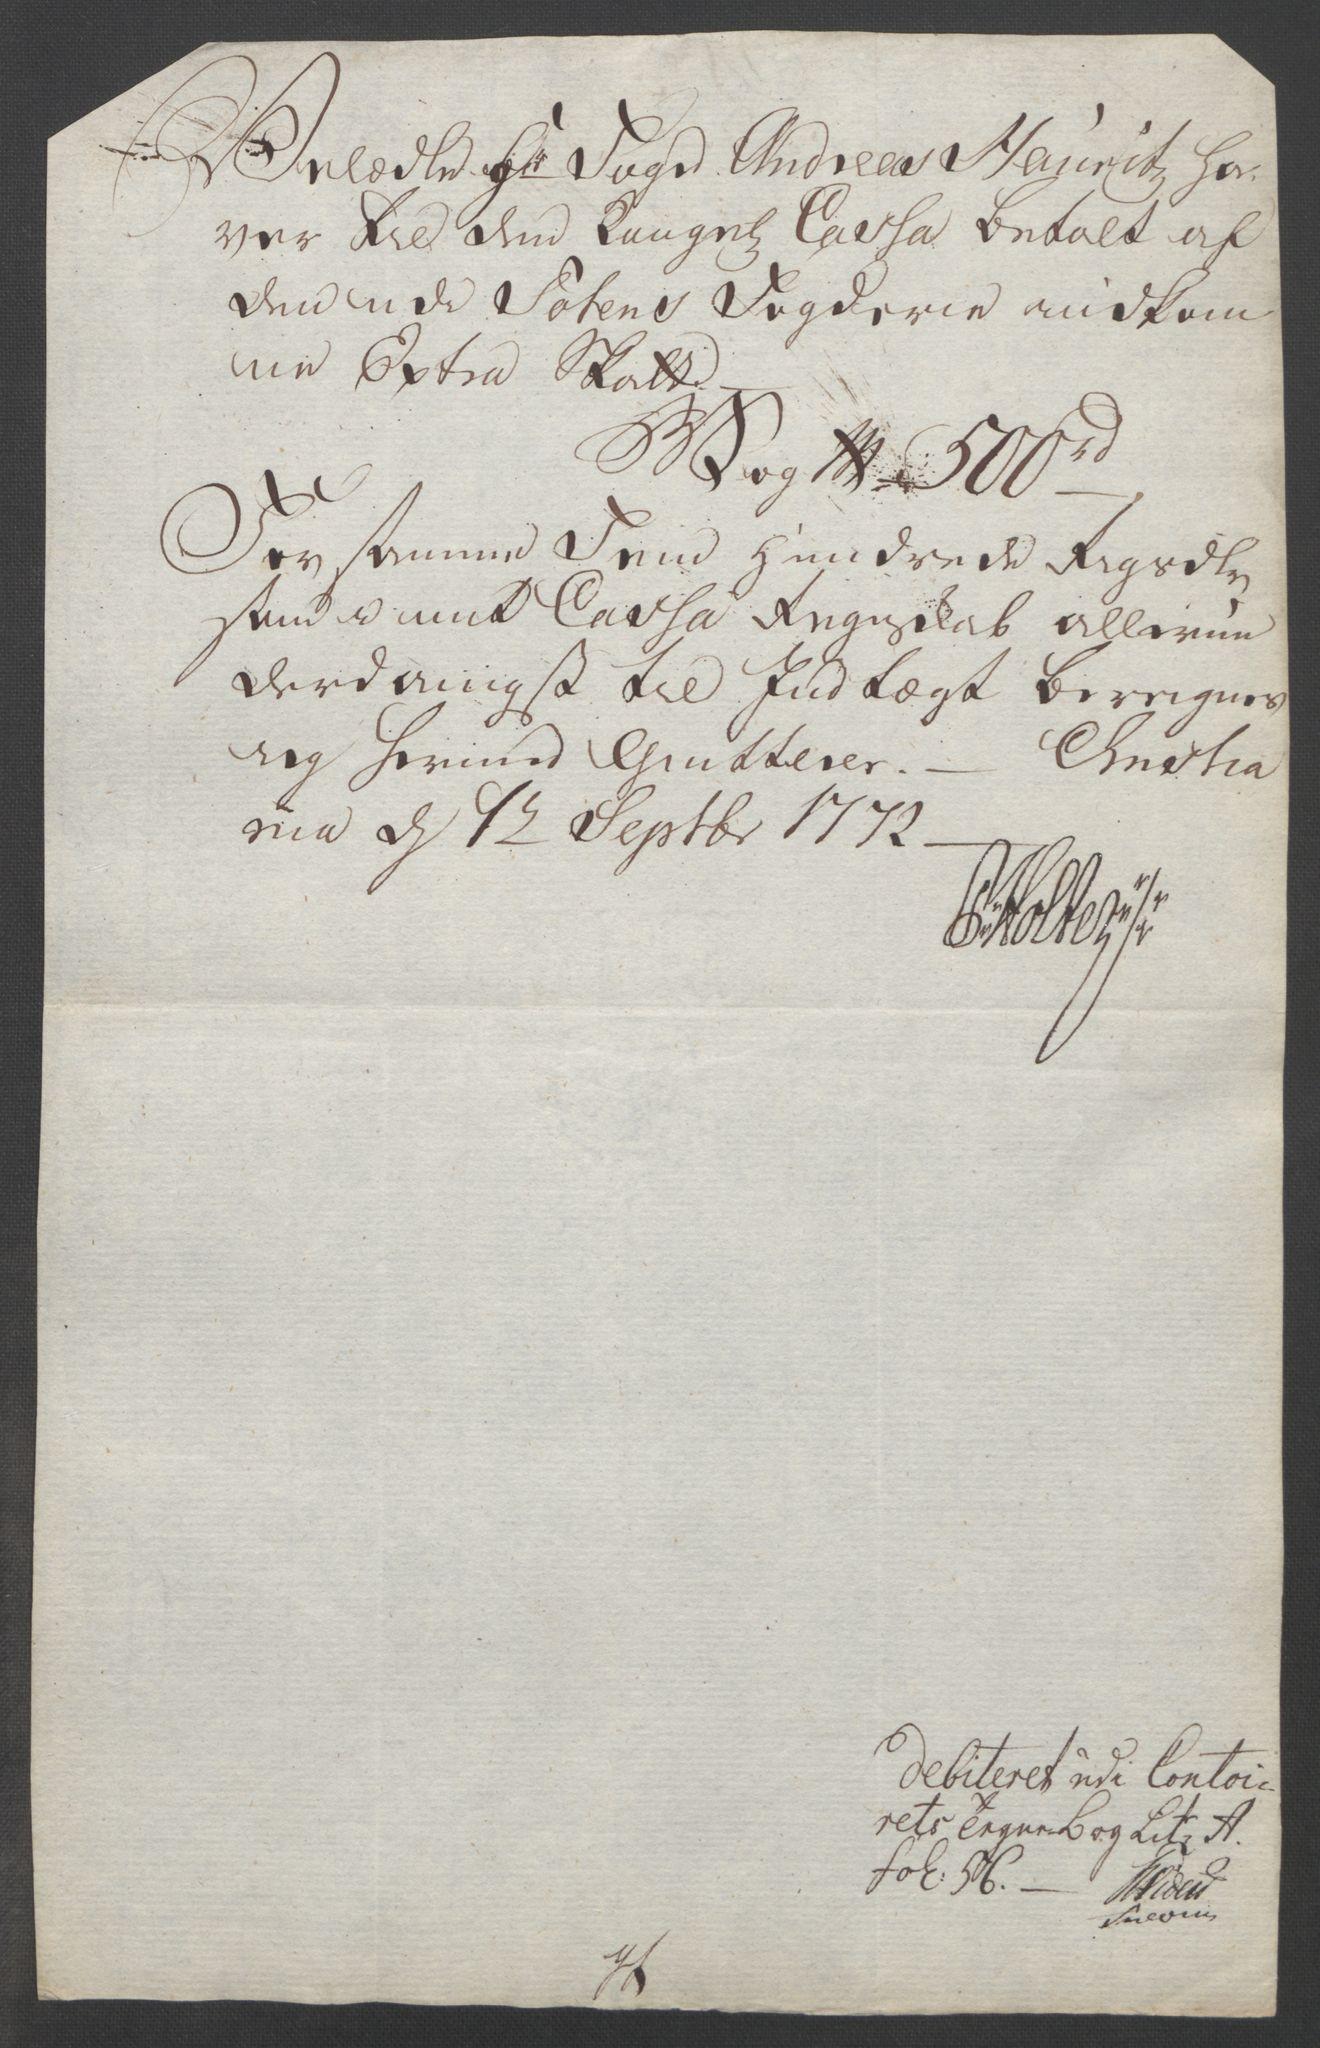 RA, Rentekammeret inntil 1814, Reviderte regnskaper, Fogderegnskap, R19/L1399: Fogderegnskap Toten, Hadeland og Vardal, 1762-1783, s. 254